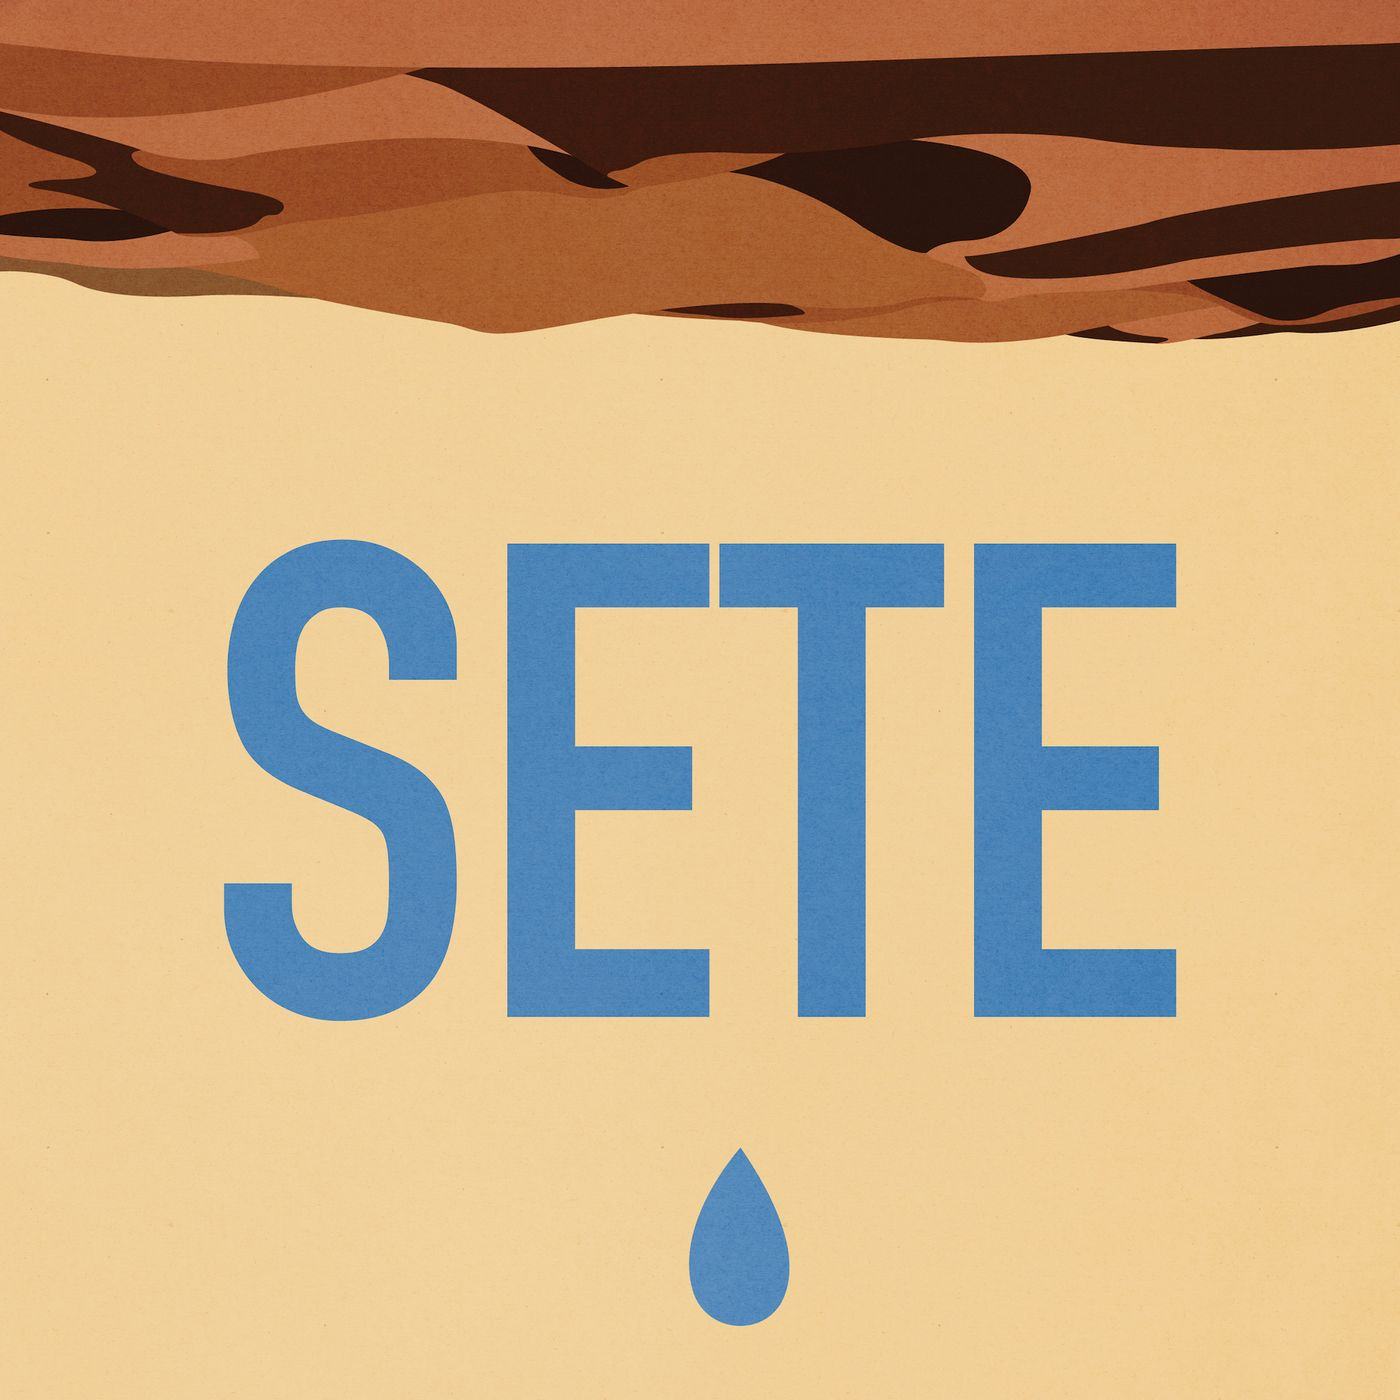 SETE - Il nuovo podcast dagli autori di VOIT